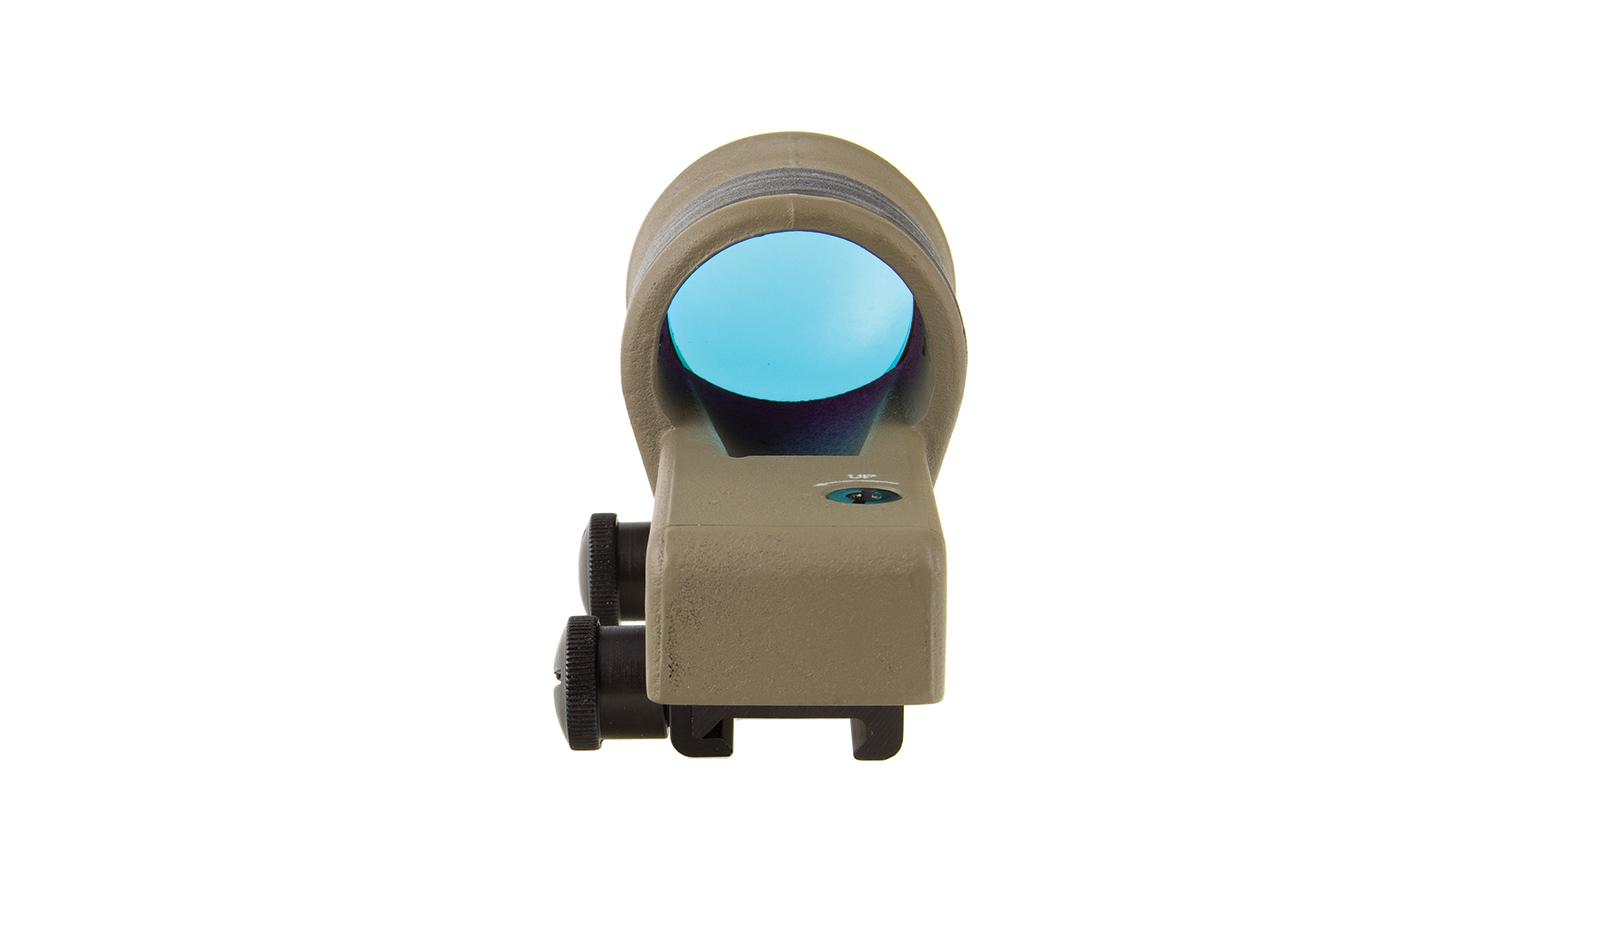 RX30-C-800091 angle 4